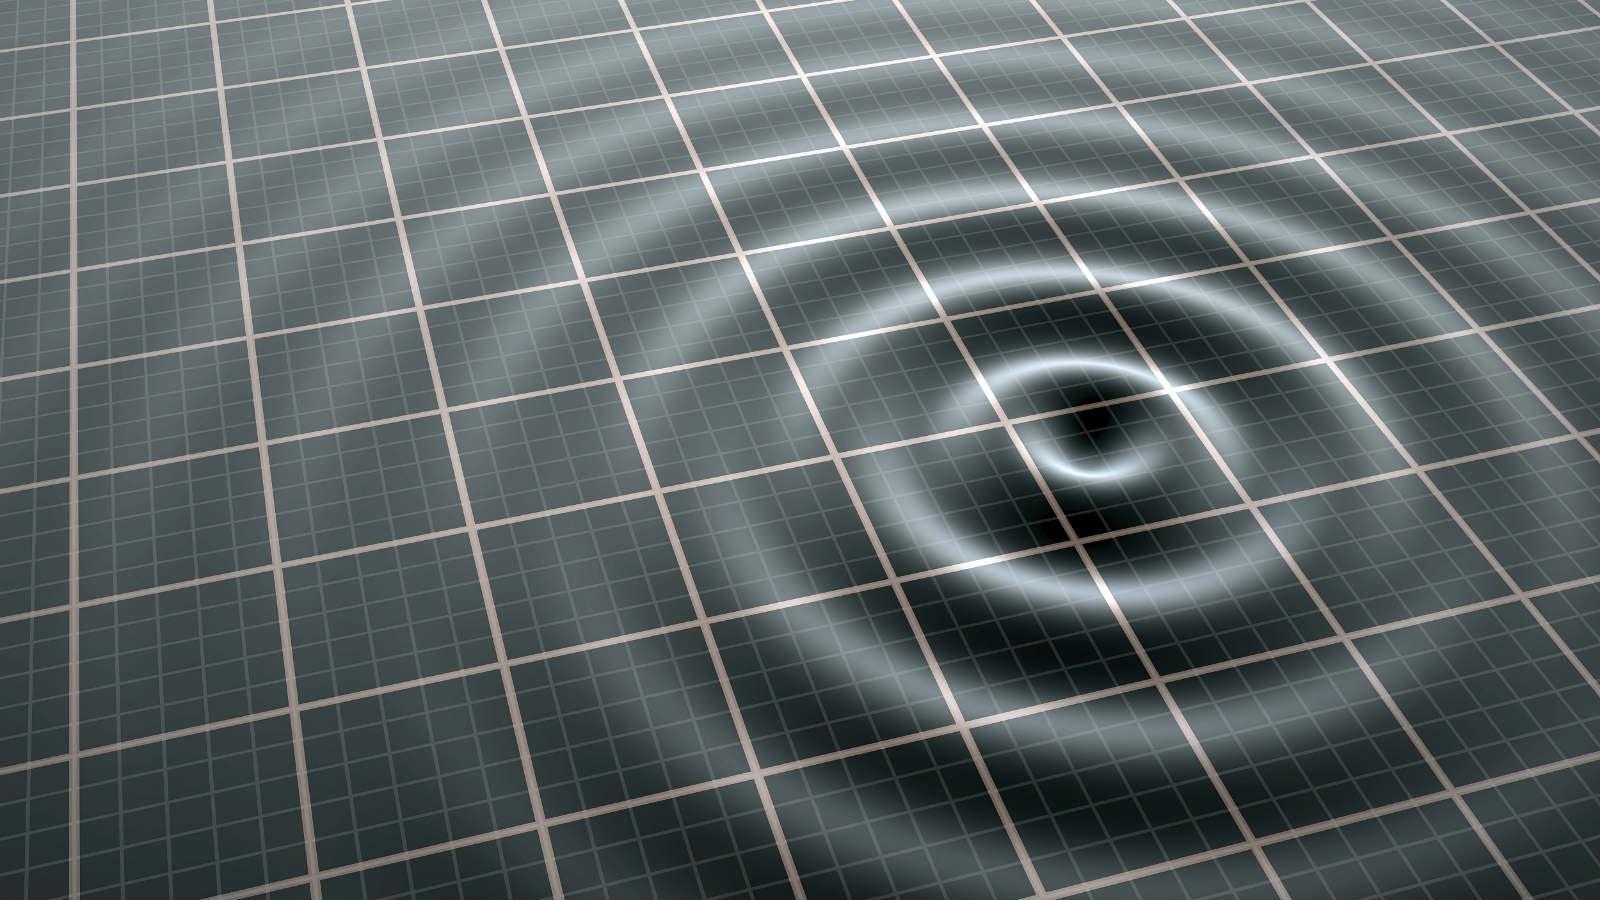 5.5-magnitude quake strikes Japan's Nagano Prefecture, no tsunami warning issued